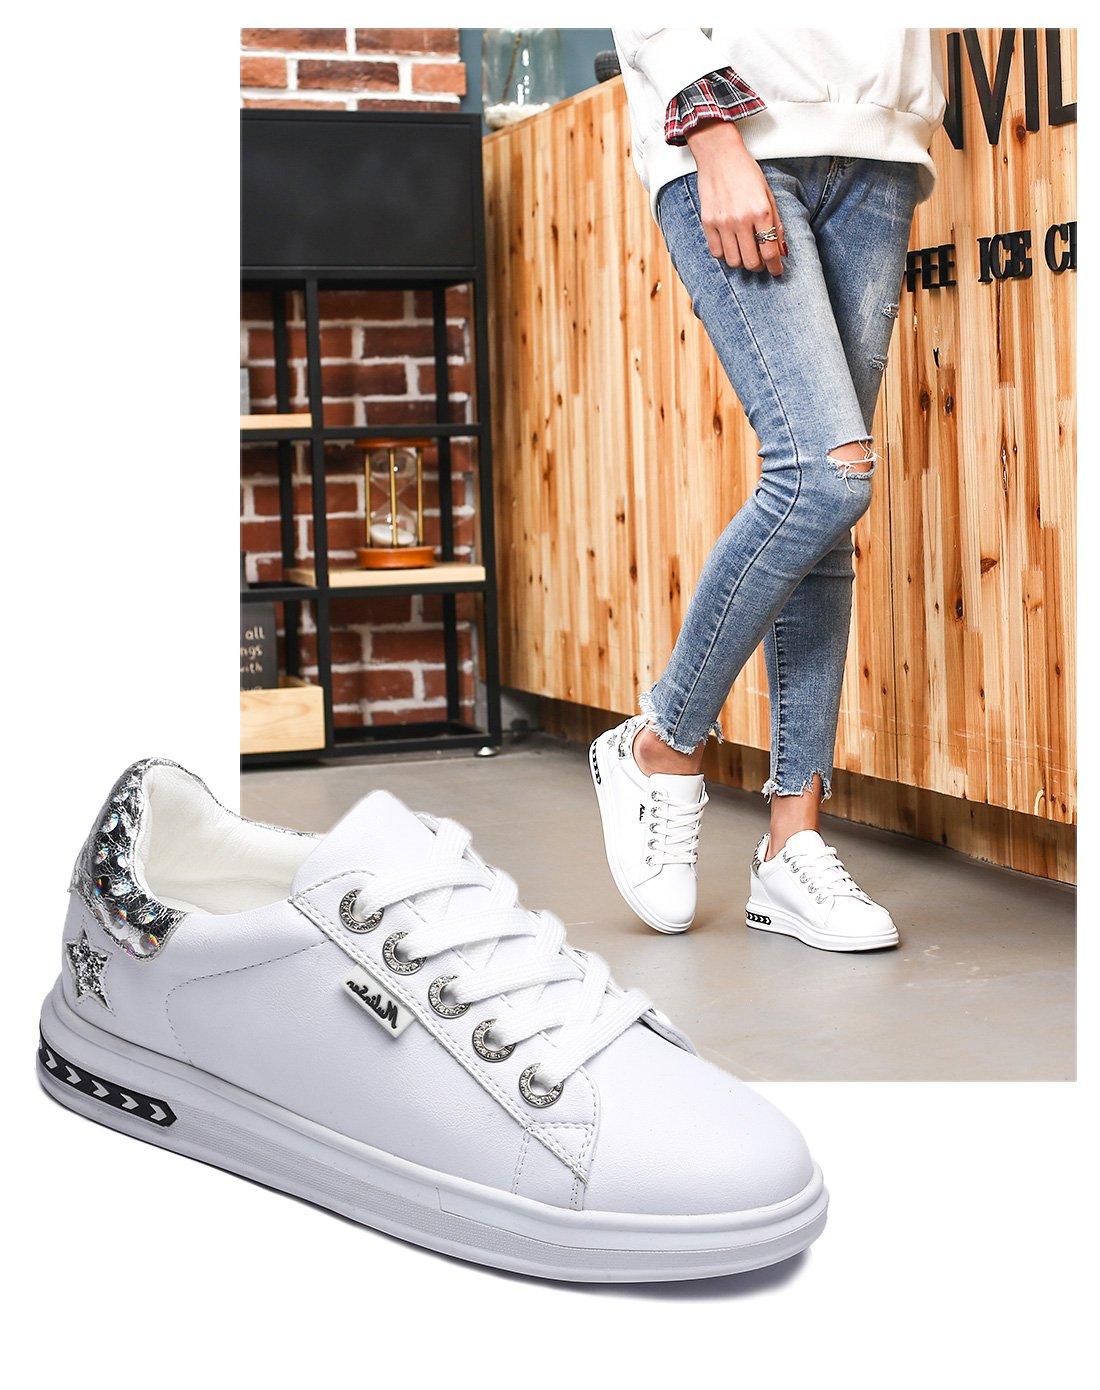 木林森春季新款女休闲低帮板鞋内增高简约时尚运动小白鞋E818197801